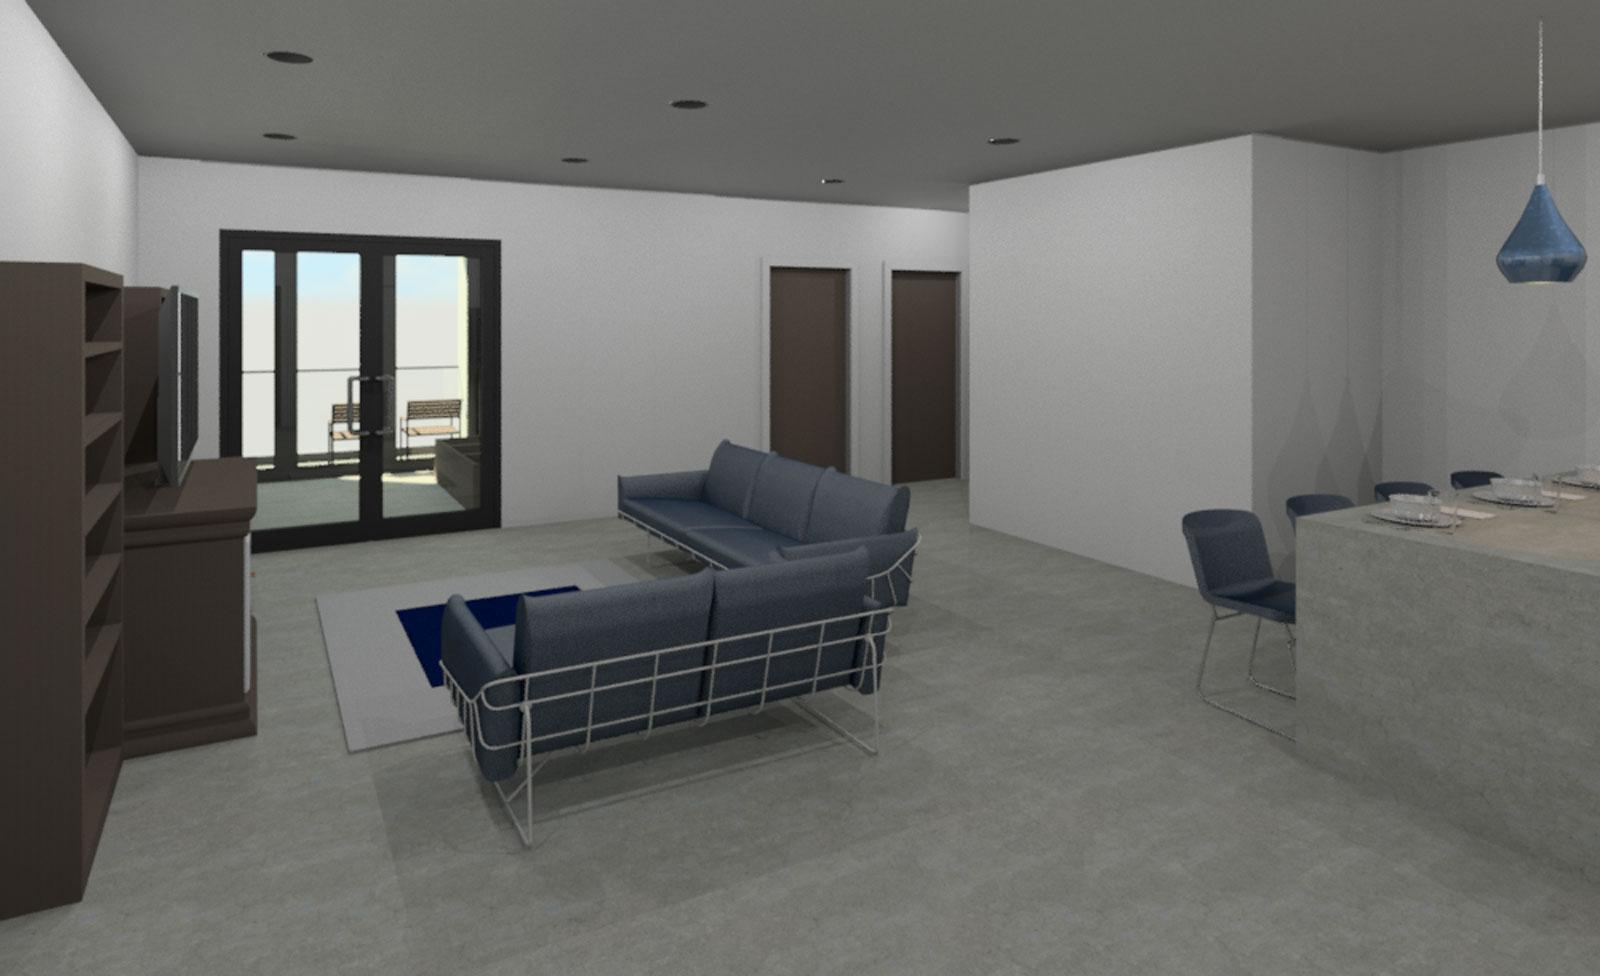 2 Bedroom Interior Draft 02